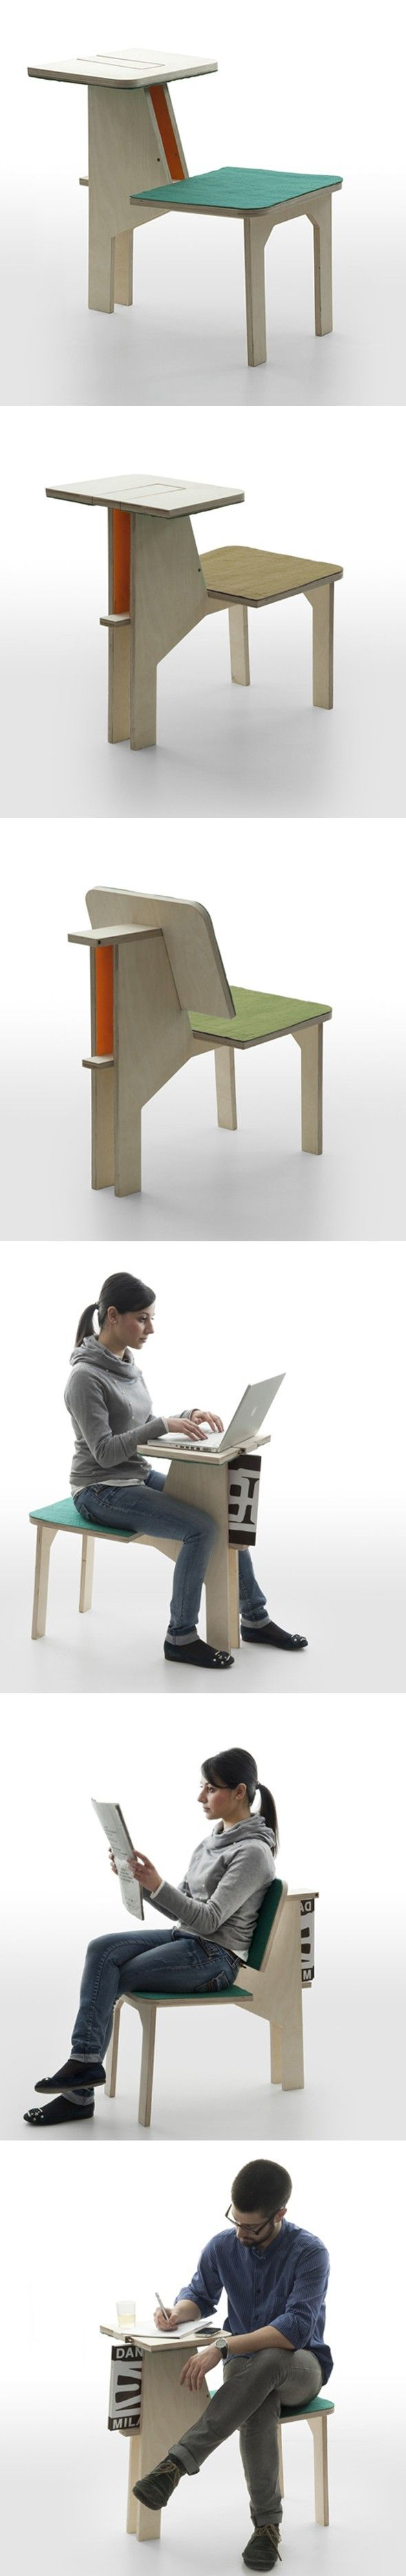 Une chaise bien pratique pour de multiples fonctions. Le designer français Matali Crasset présentera cette chaise à Milan le mois prochain pour la marque i